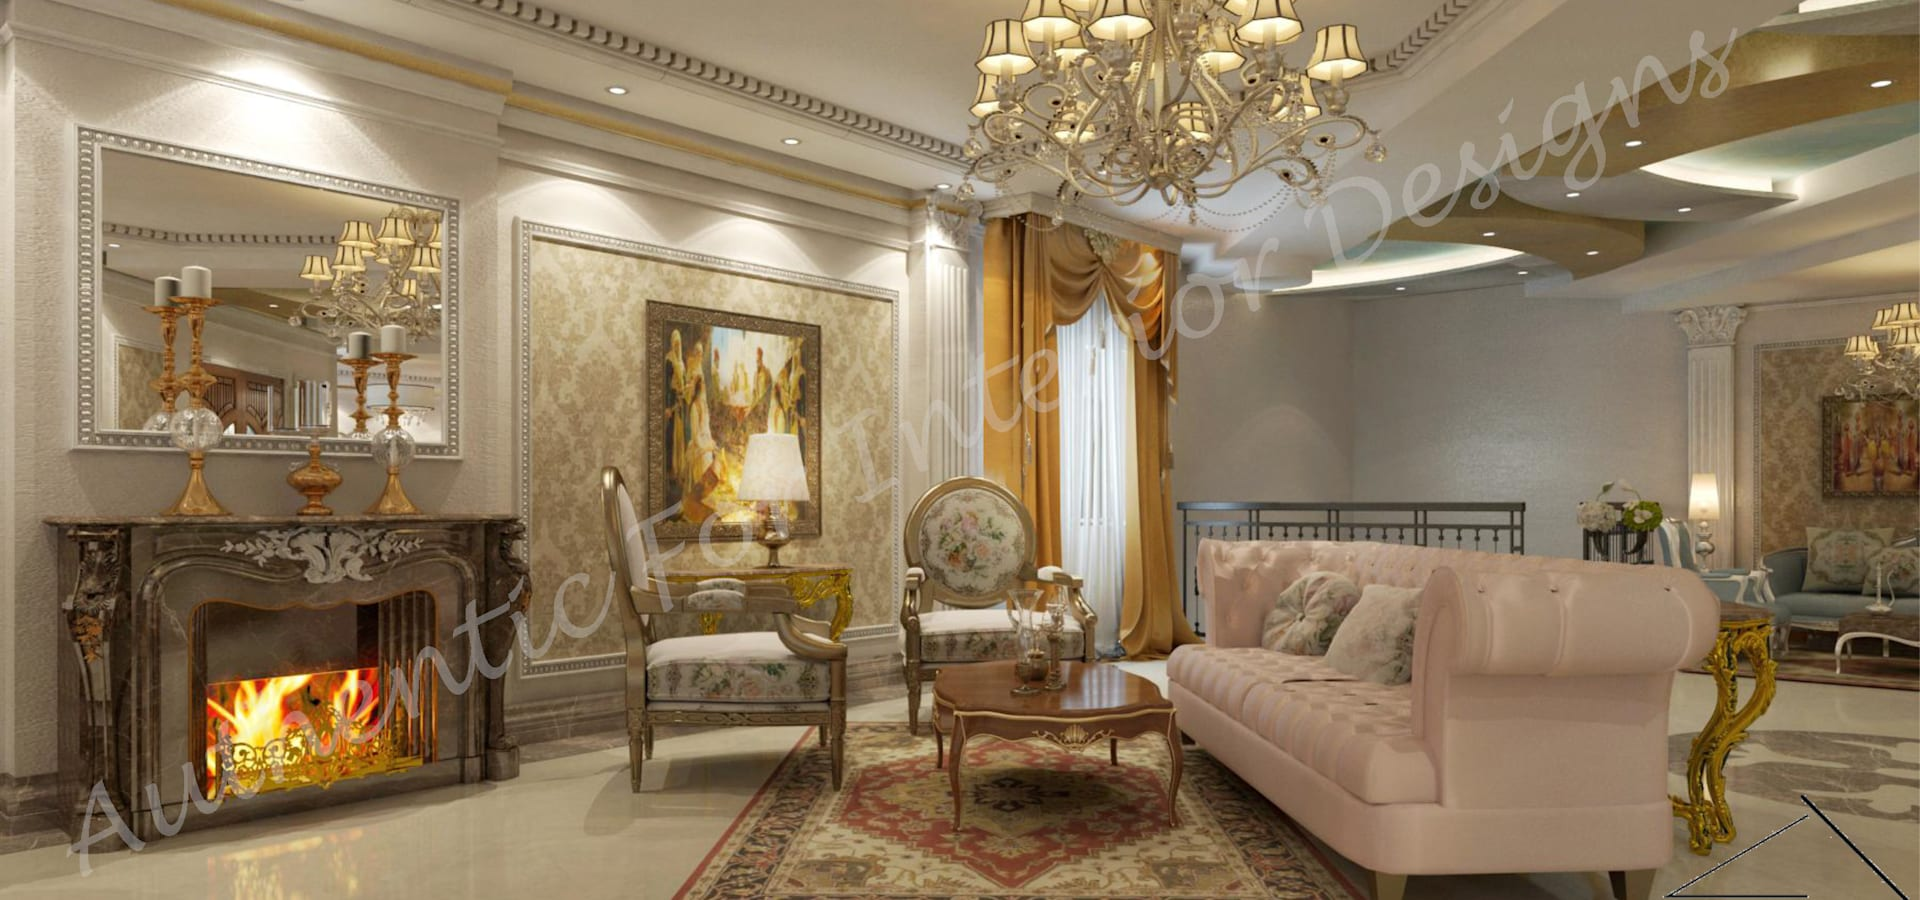 Authentic for interior designs